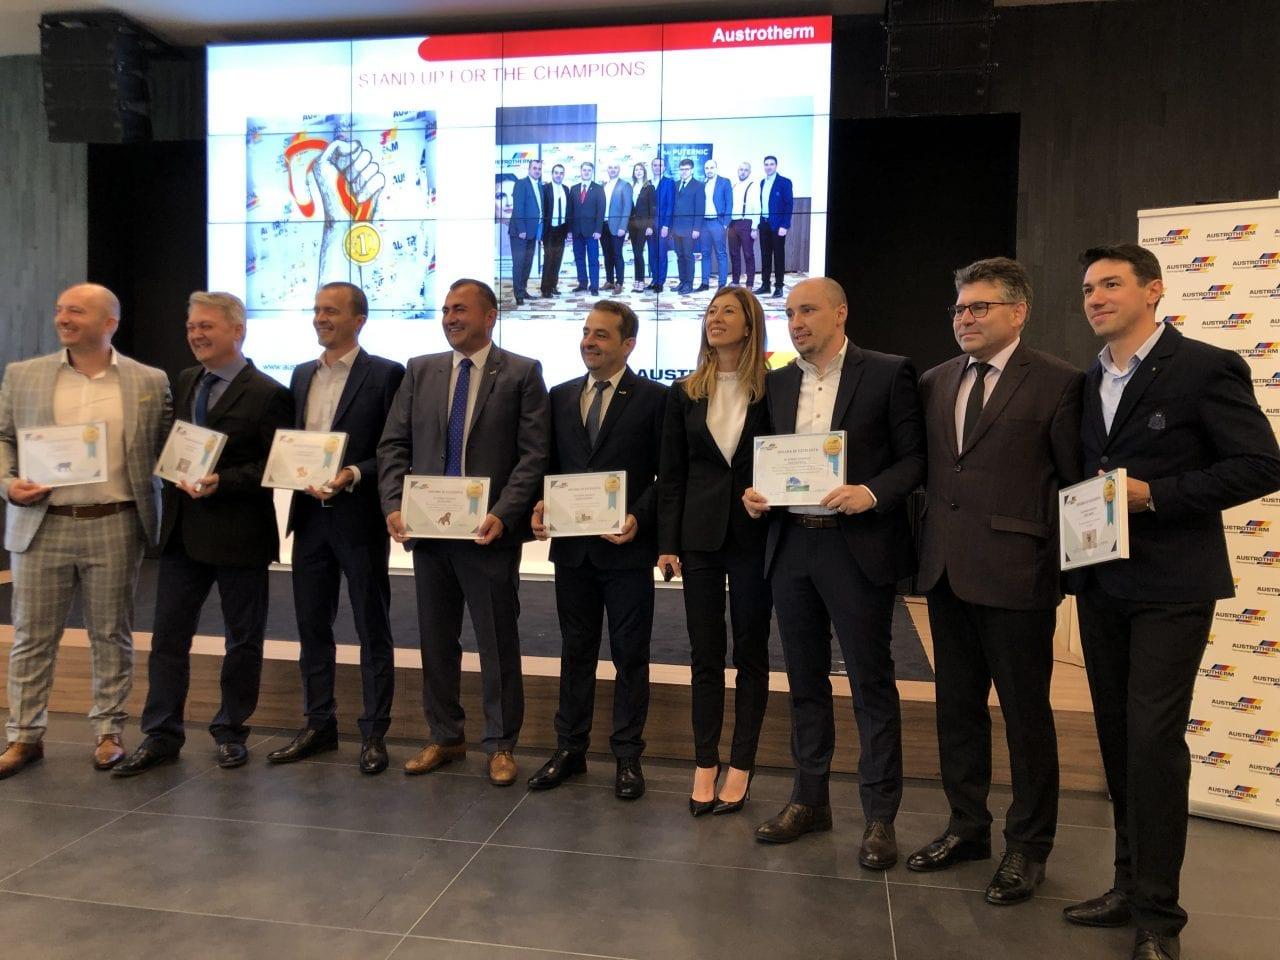 Echipa Austrotherm Romania - Austrotherm celebrează 20 de ani de activitate în România